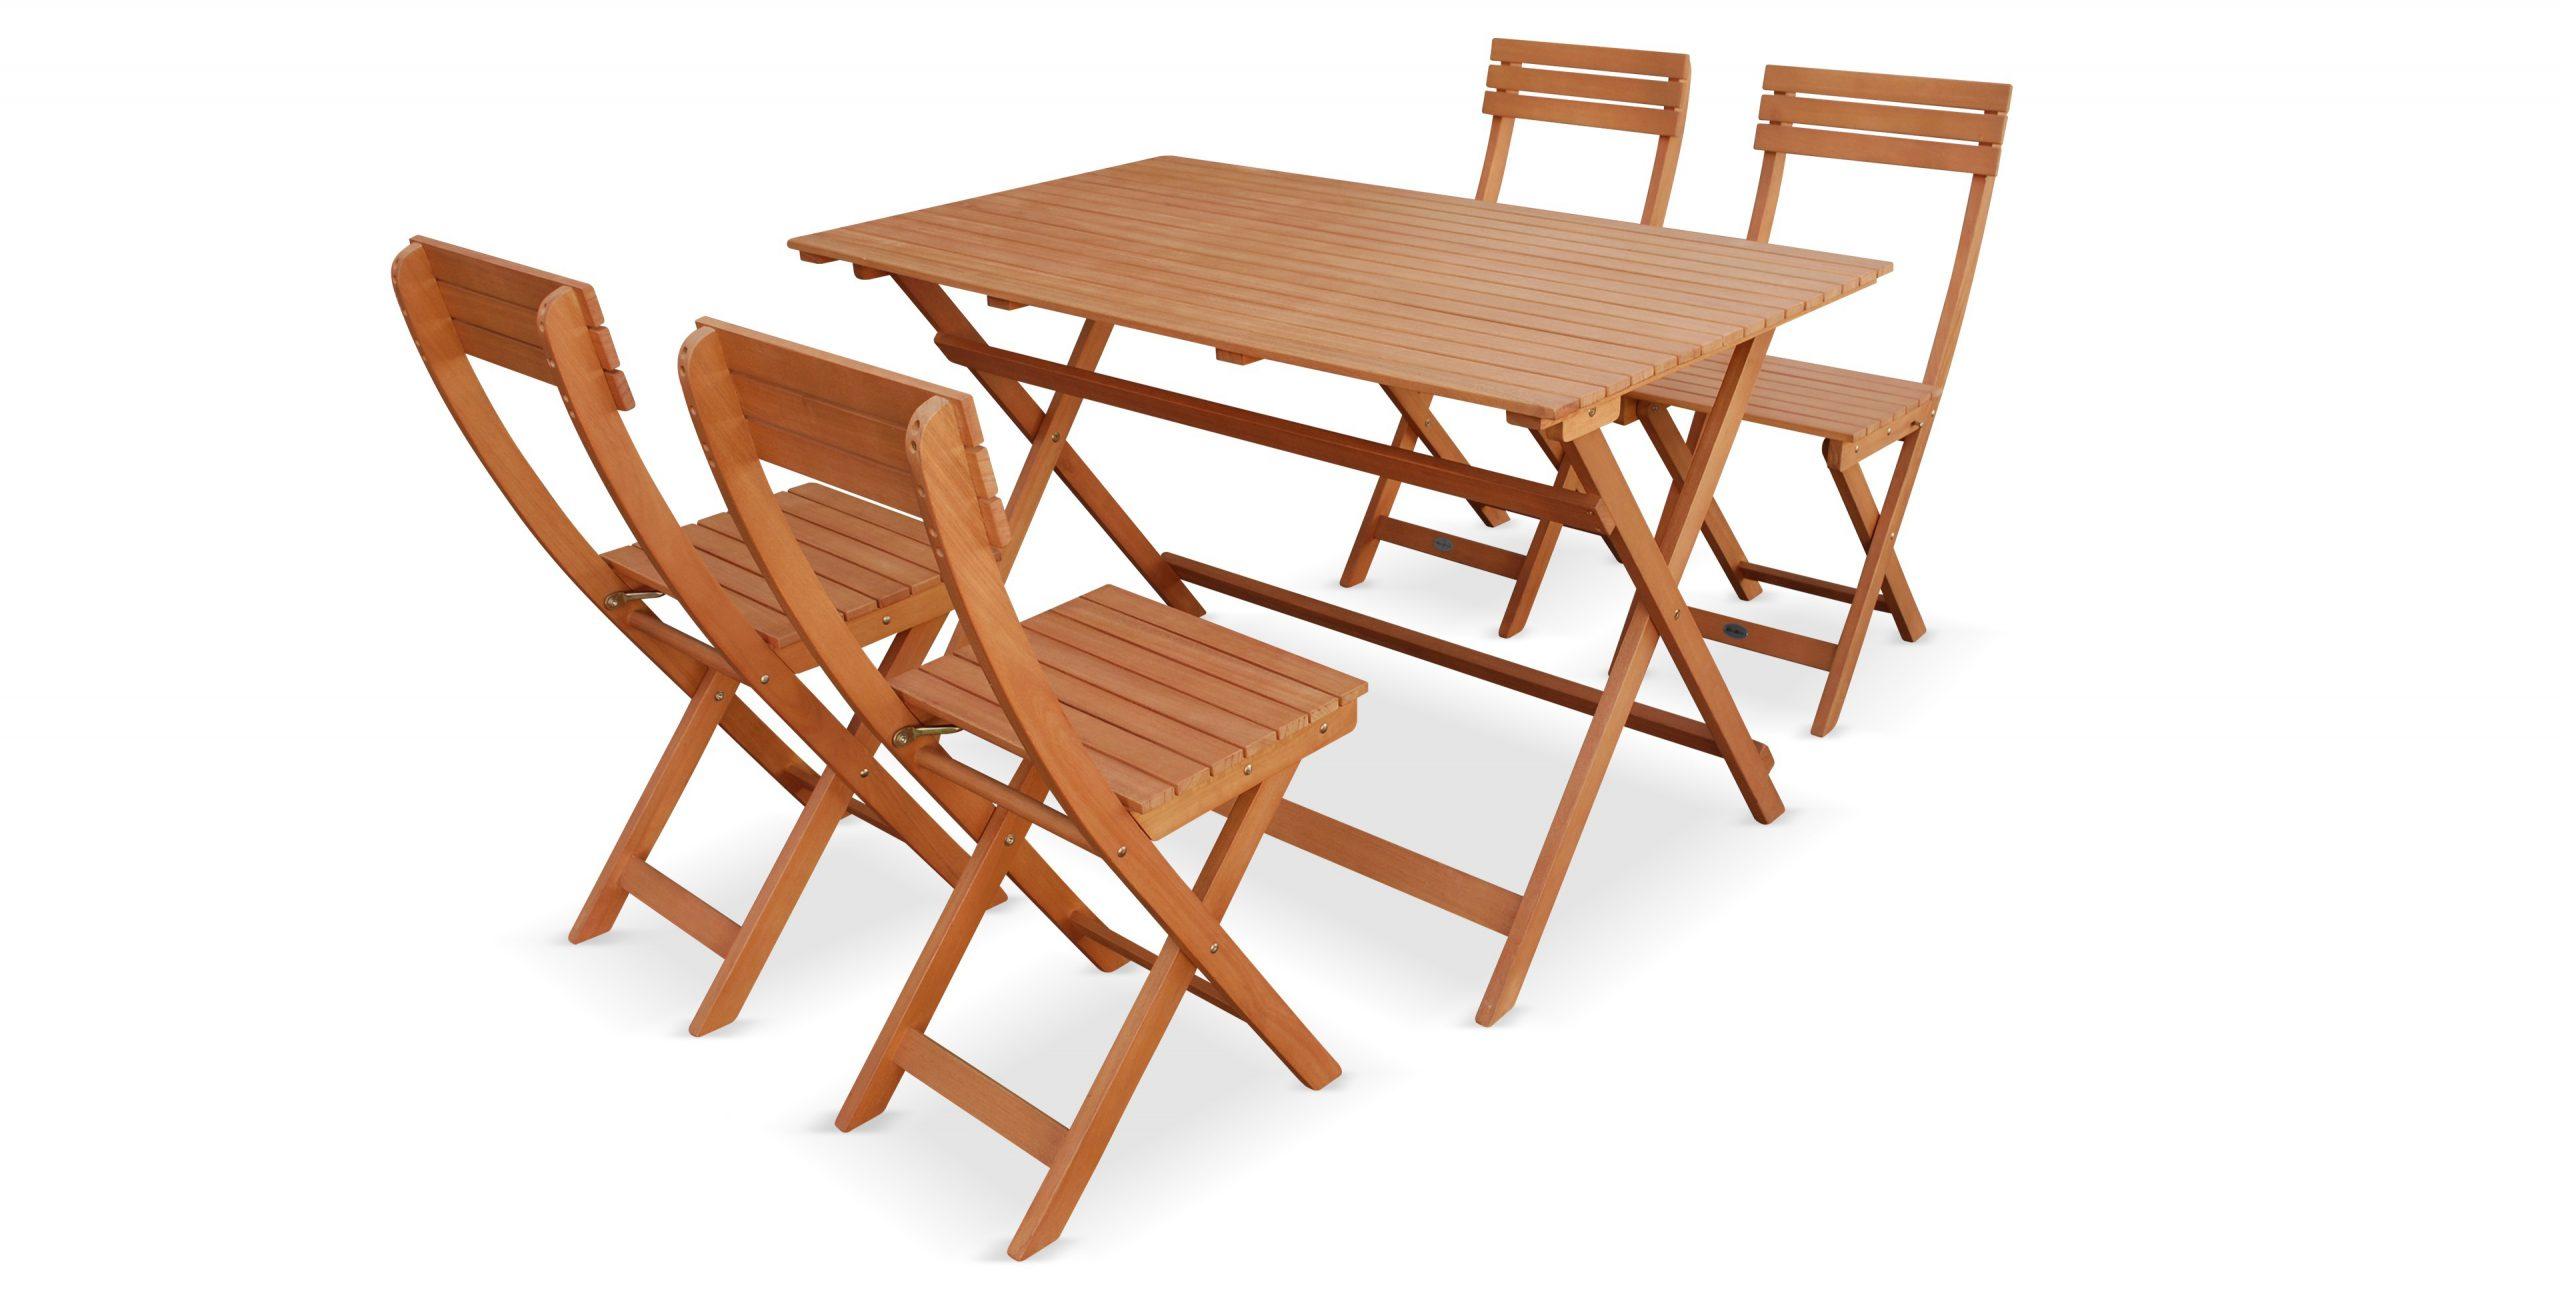 De Pliante Table Bois Pliante De Jardin Jardin Bois Table ... serapportantà Table De Jardin En Bois Pliante Pas Cher